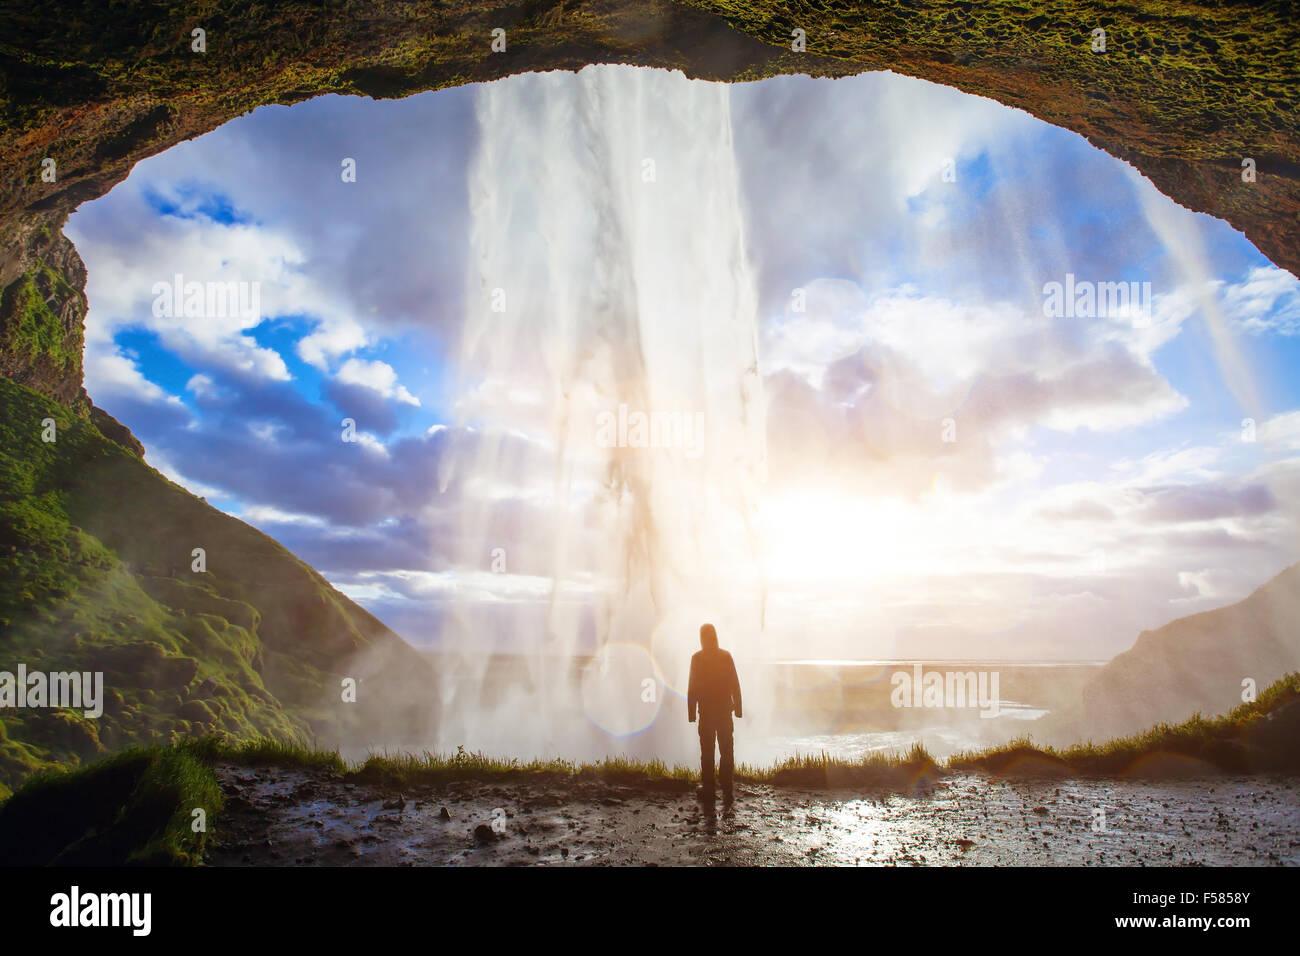 Increíble cascada en Islandia, la silueta del hombre disfrutando de impresionantes vistas de la naturaleza Imagen De Stock